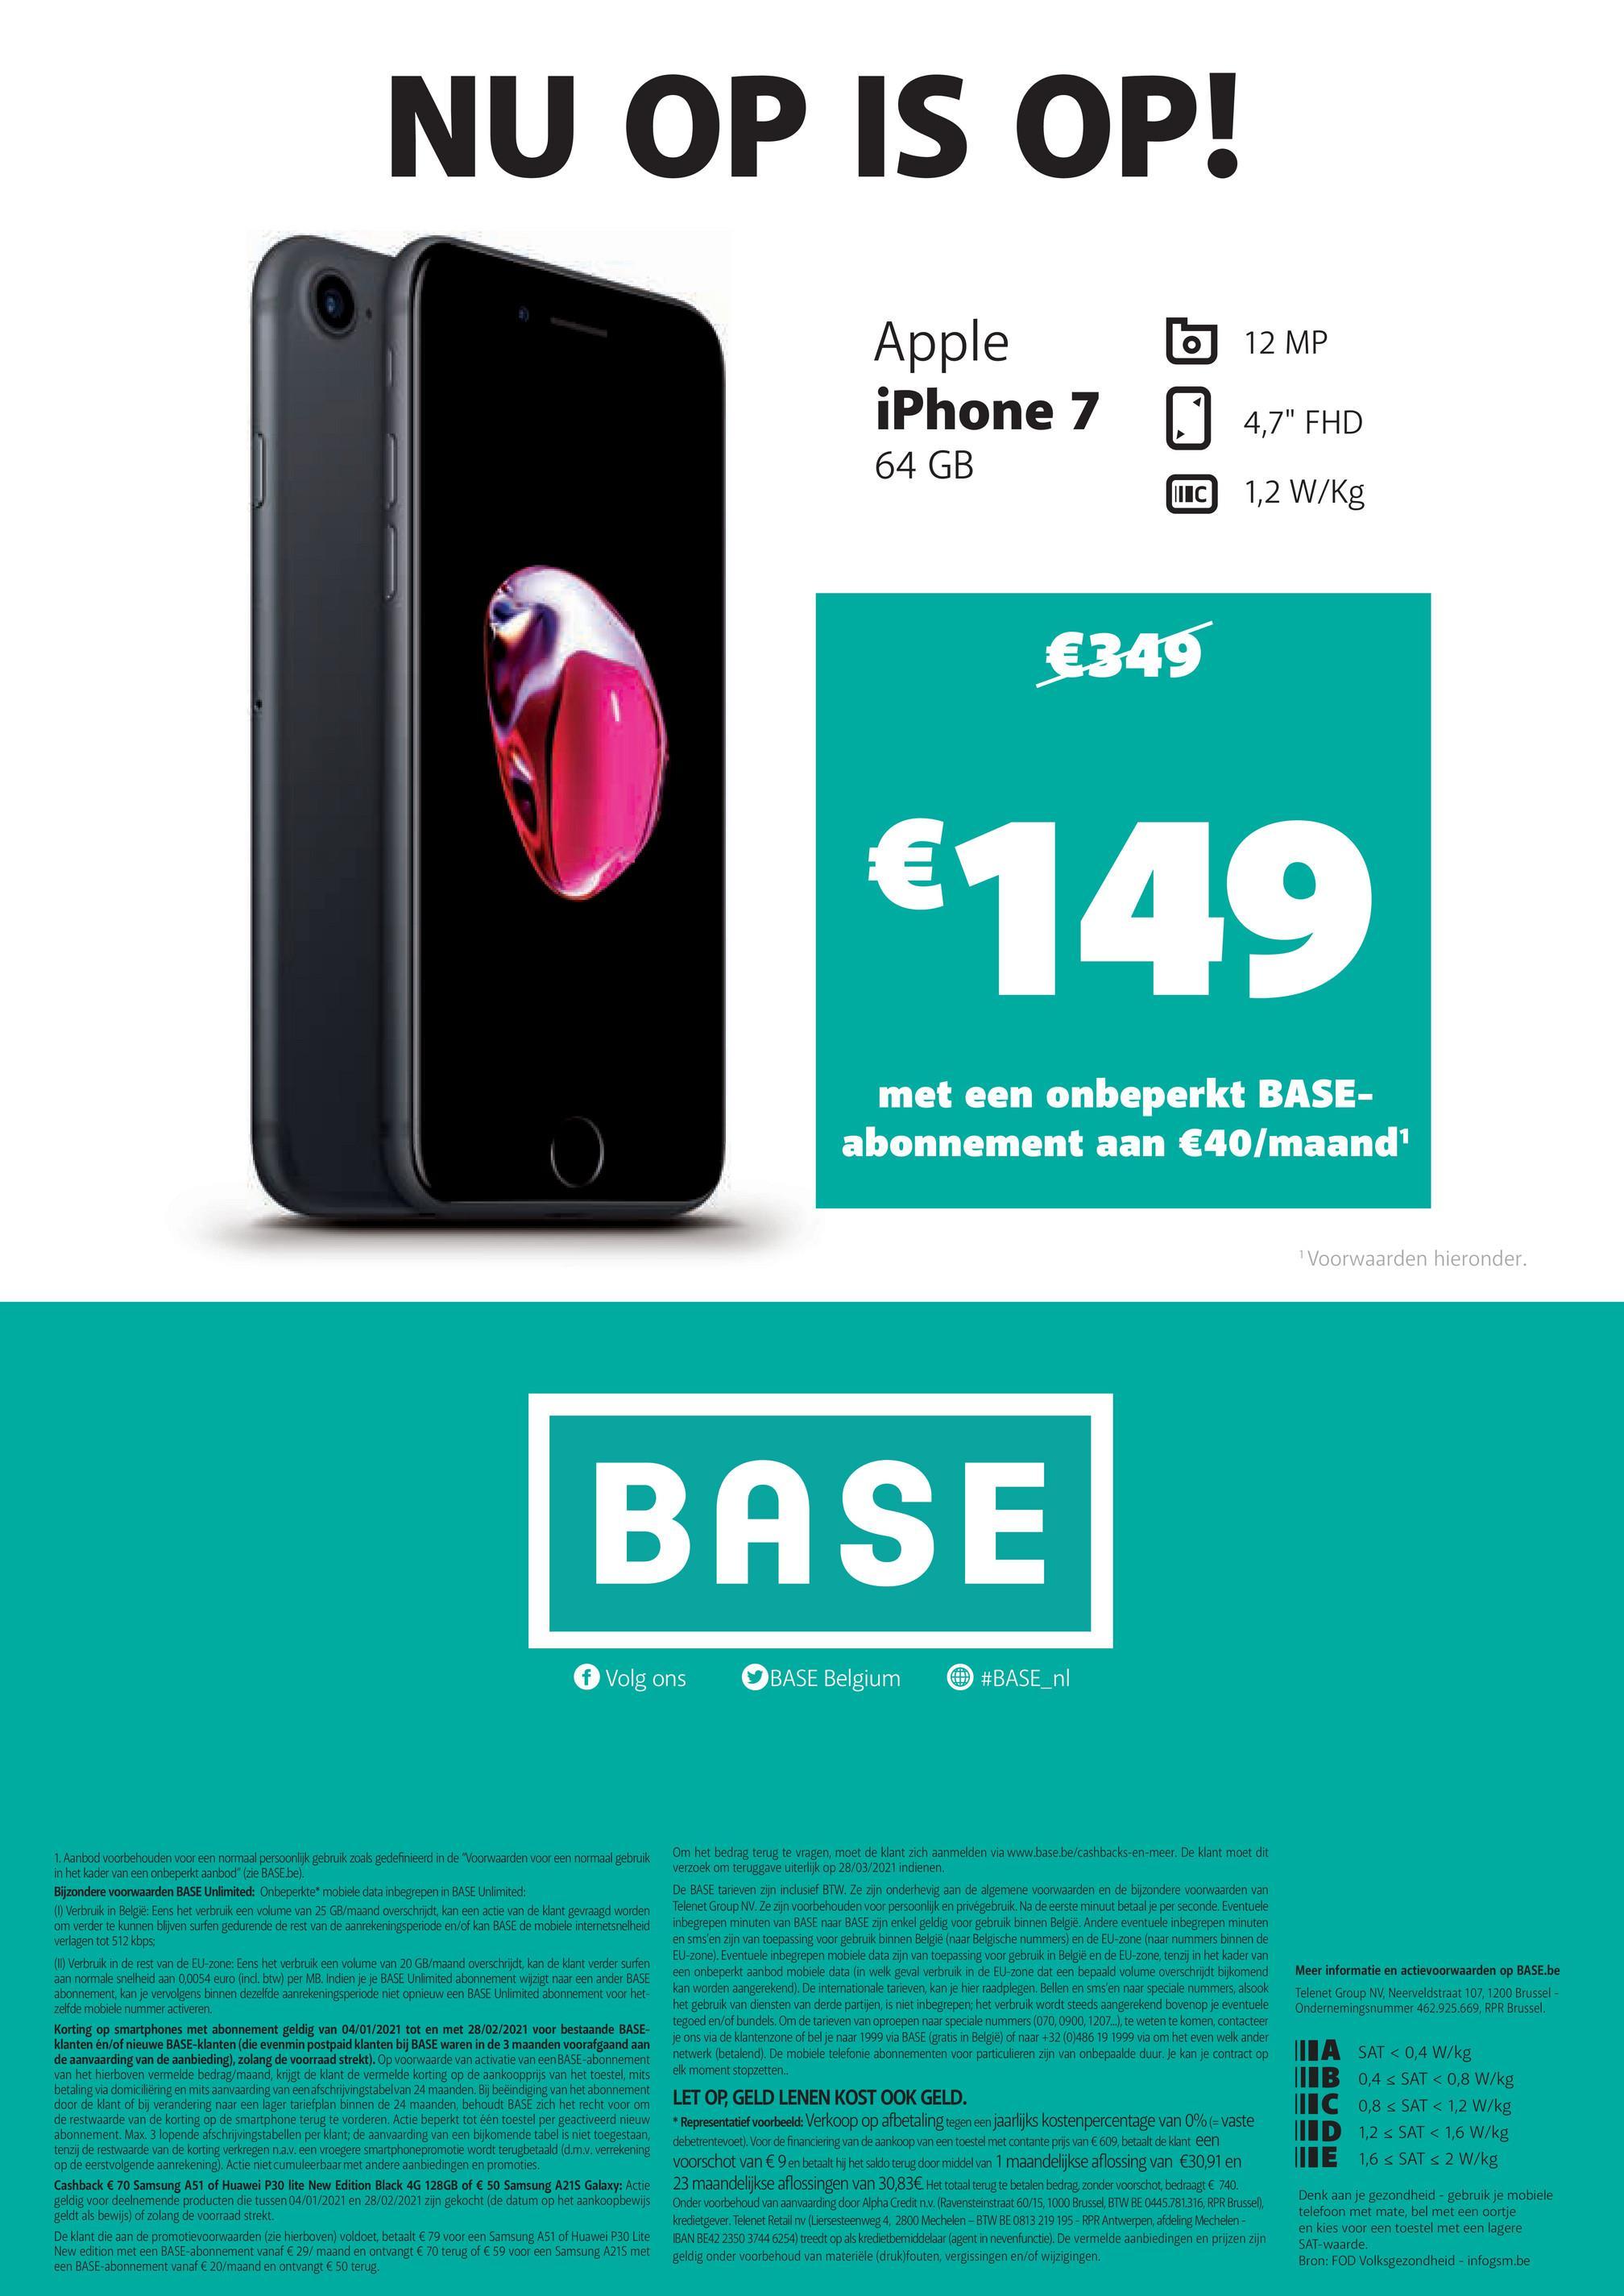 """NU OP IS OP! 12 MP Apple iPhone 7 4,7"""" FHD 64 GB MIC 1,2 W/kg €349 €149 met een onbeperkt BASE- abonnement aan €40/maand Voorwaarden hieronder. BASE Volg ons BASE Belgium #BASE_nl Meer informatie en actievoorwaarden op BASE.be Telenet Group NV, Neerveldstraat 107, 1200 Brussel - Ondernemingsnummer 462.925.669, RPR Brussel 1. Aanbod voorbehouden voor een normaal persoonlijk gebruik zoals gedefinieerd in de """"Voorwaarden voor een normaal gebruik in het kader van een onbeperkt aanbod"""" (zie BASE.be). Bijzondere voorwaarden BASE Unlimited: Onbeperkte mobiele data inbegrepen in BASE Unlimited: (0) Verbruik in België: Eens het verbruik een volume van 25 GB/maand overschrijdt, kan een actie van de klant gevraagd worden om verder te kunnen blijven surfen gedurende de rest van de aanrekeningsperiode en/of kan BASE de mobiele internetsnelheid verlagen tot 512 kbps (I) Verbruik in de rest van de EU-zone: Eens het verbruik een volume van 20 GB/maand overschrijdt, kan de klant verder surfen aan normale snelheid aan 0,0054 euro (incl. btw) per MB. Indien je je BASE Unlimited abonnement wijzigt naar een ander BASE abonnement, kan je vervolgens binnen dezelfde aanrekeningsperiode niet opnieuw een BASE Unlimited abonnement voor het- zelfde mobiele nummer activeren. Korting op smartphones met abonnement geldig van 04/01/2021 tot en met 28/02/2021 voor bestaande BASE- klanten en/of nieuwe BASE-klanten (die evenmin postpaid klanten bij BASE waren in de 3 maanden voorafgaand aan de aanvaarding van de aanbieding), zolang de voorraad strekt). Op voorwaarde van activatie van een BASE-abonnement van het hierboven vermelde bedrag/maand, krijgt de klant de vermelde korting op de aankoopprijs van het toestel , mits betaling via domiciliëring en mits aanvaarding van een afschrijvingstabelvan 24 maanden. Bij beëindiging van het abonnement door de klant of bij verandering naar een lager tariefplan binnen de 24 maanden, behoudt BASE zich het recht voor om de restwaarde van de korting op de smartphon"""